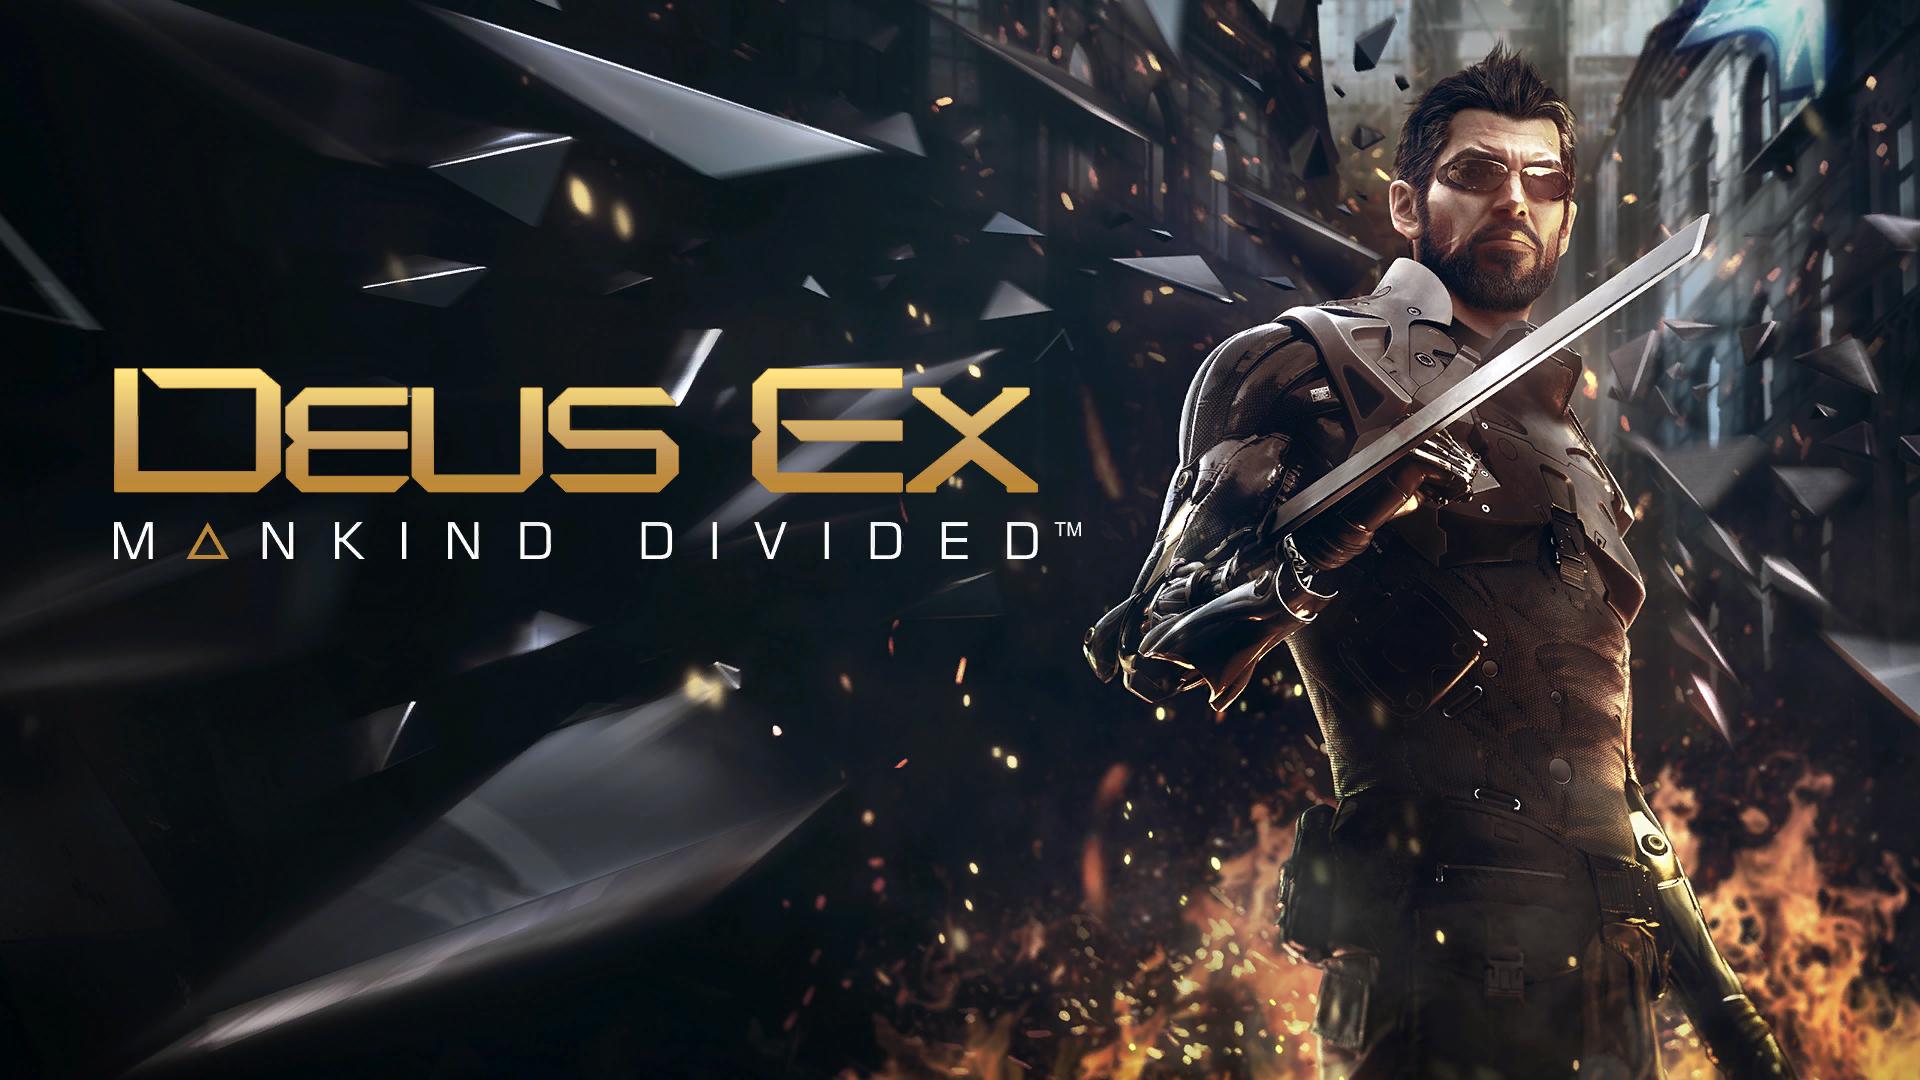 Deus Ex: Mankind Divided PC Download @ Steam - Game + Season Pass (£5.99 / £3.75)